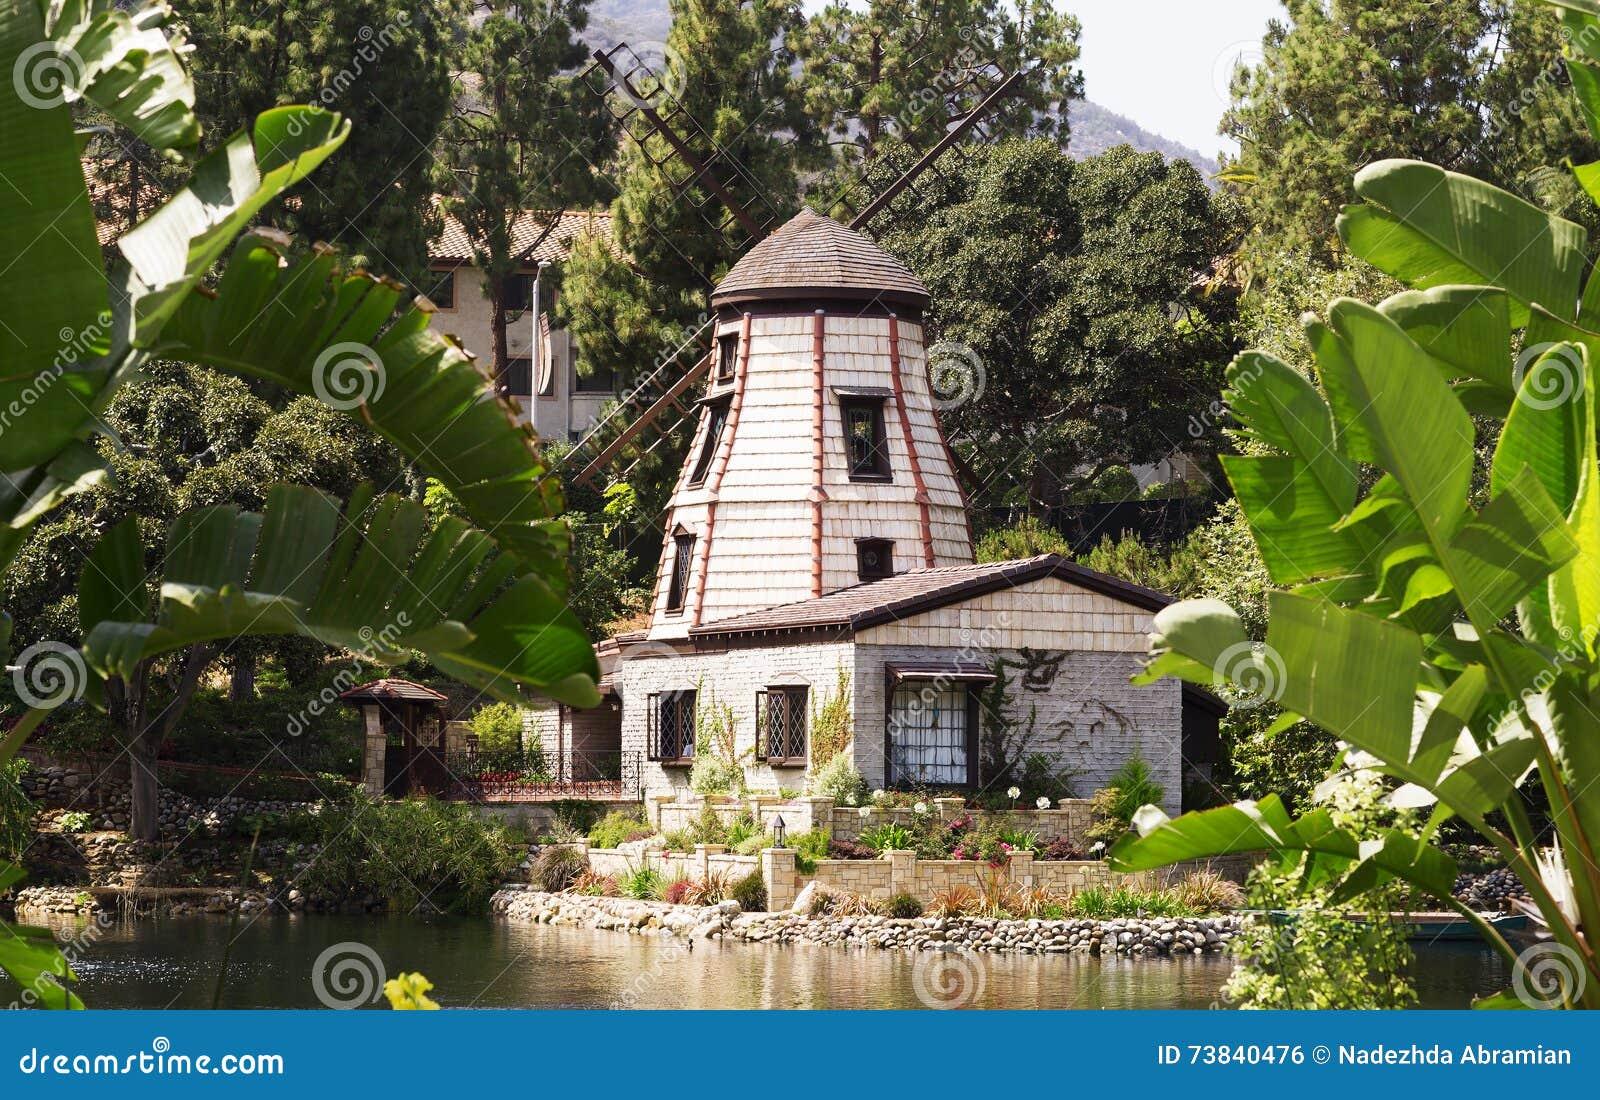 Il giardino della meditazione in Santa Monica, Stati Uniti